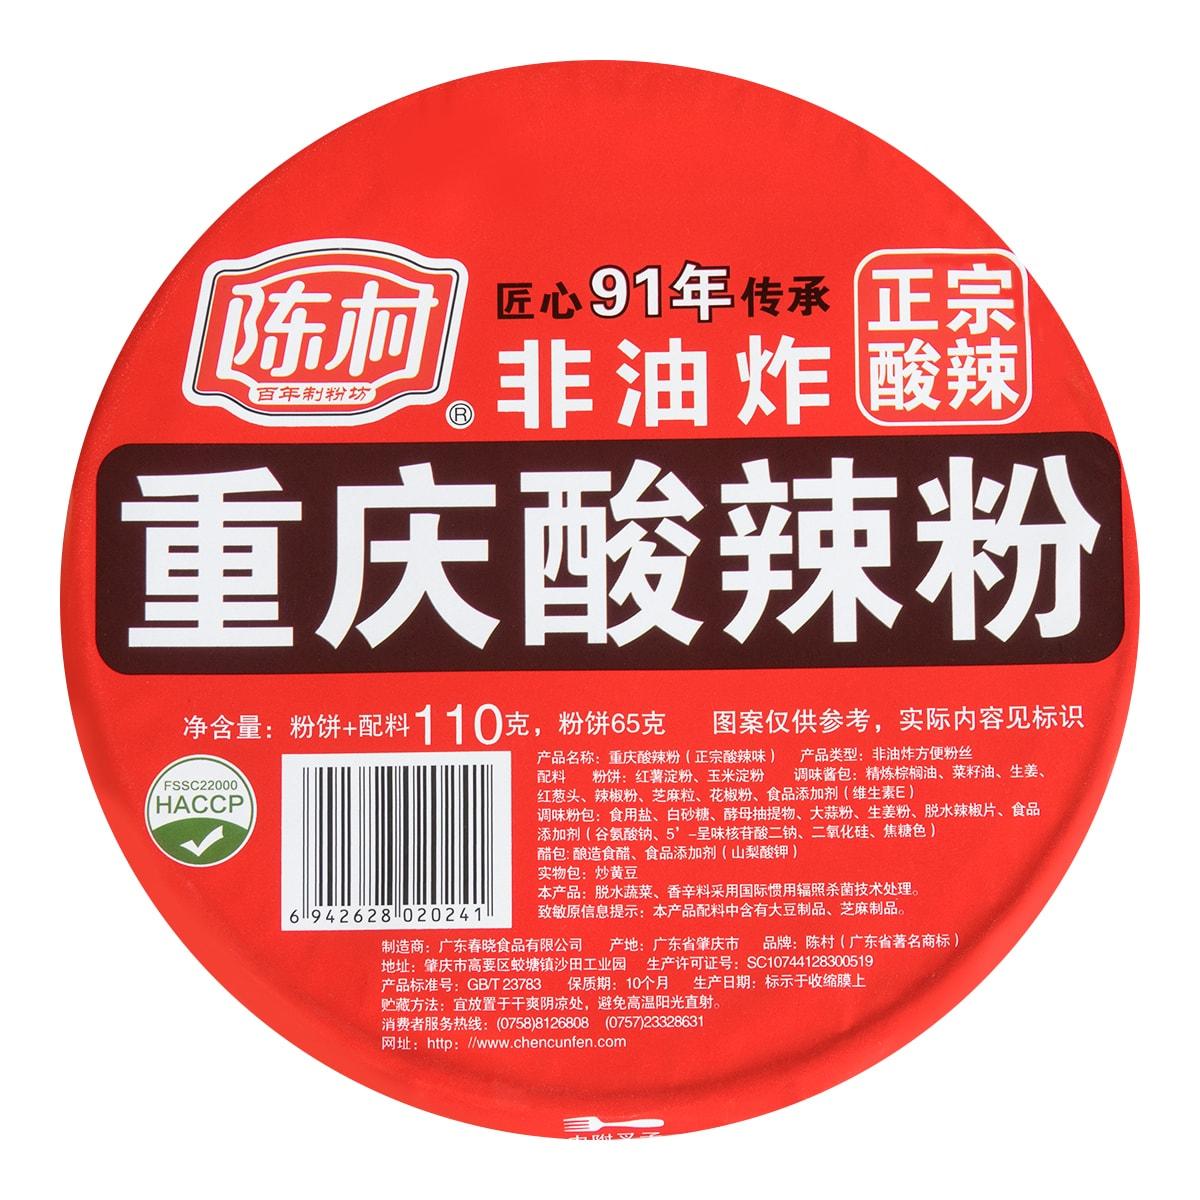 陈村 非油炸重庆酸辣粉 正宗酸辣味 桶装 110g